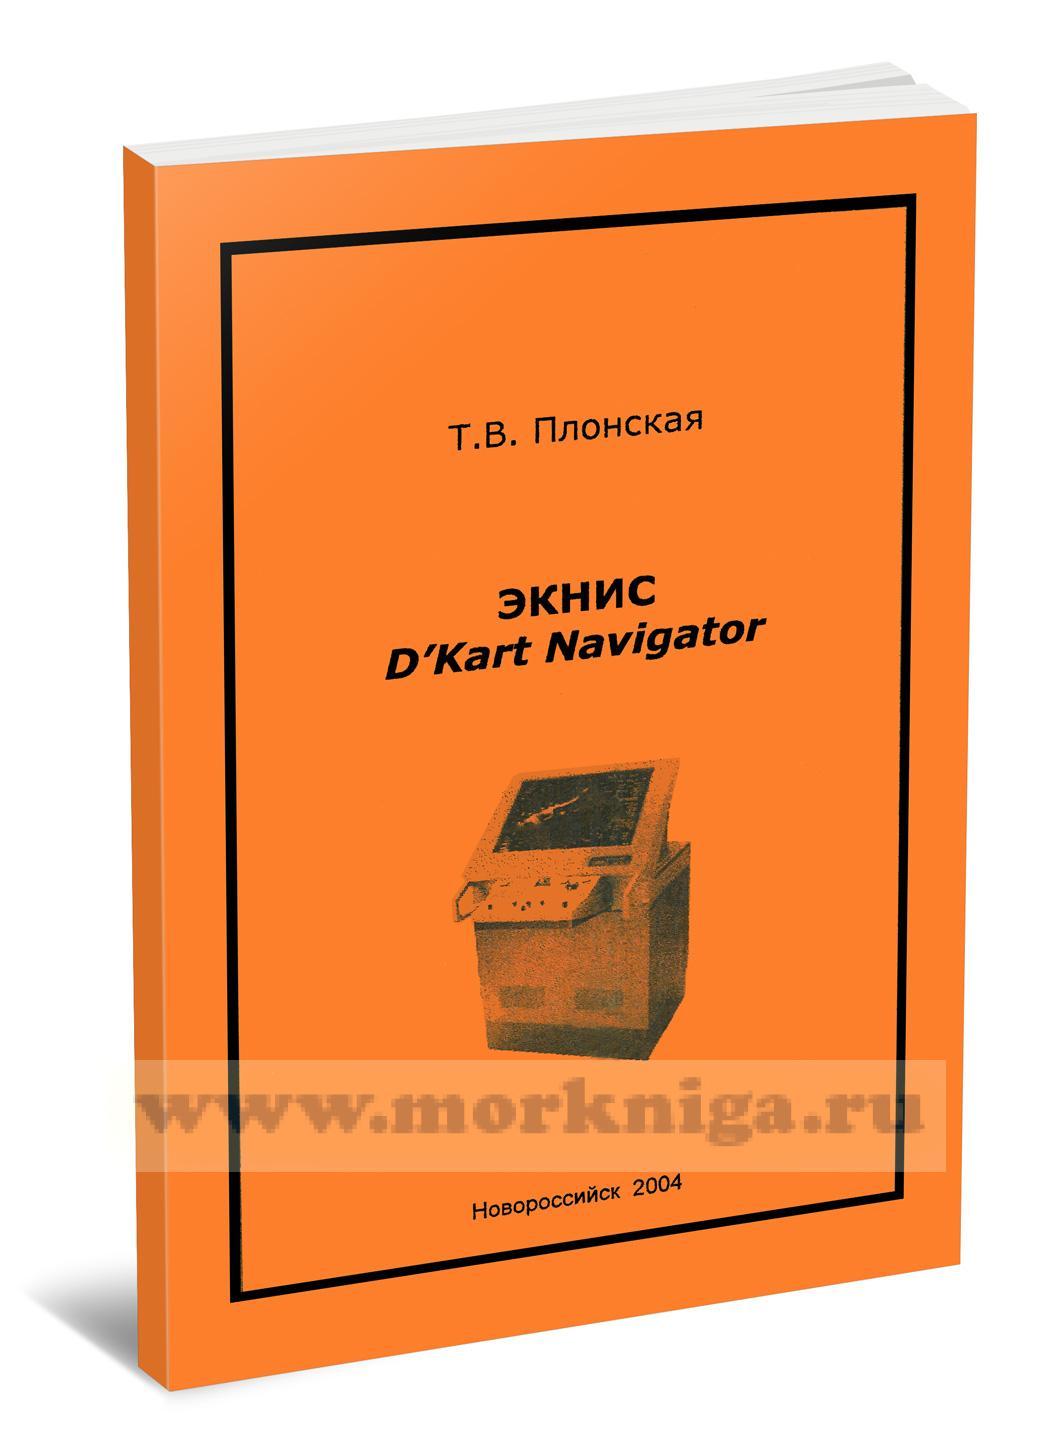 Экнис d'Kart Navigator: учебное пособие